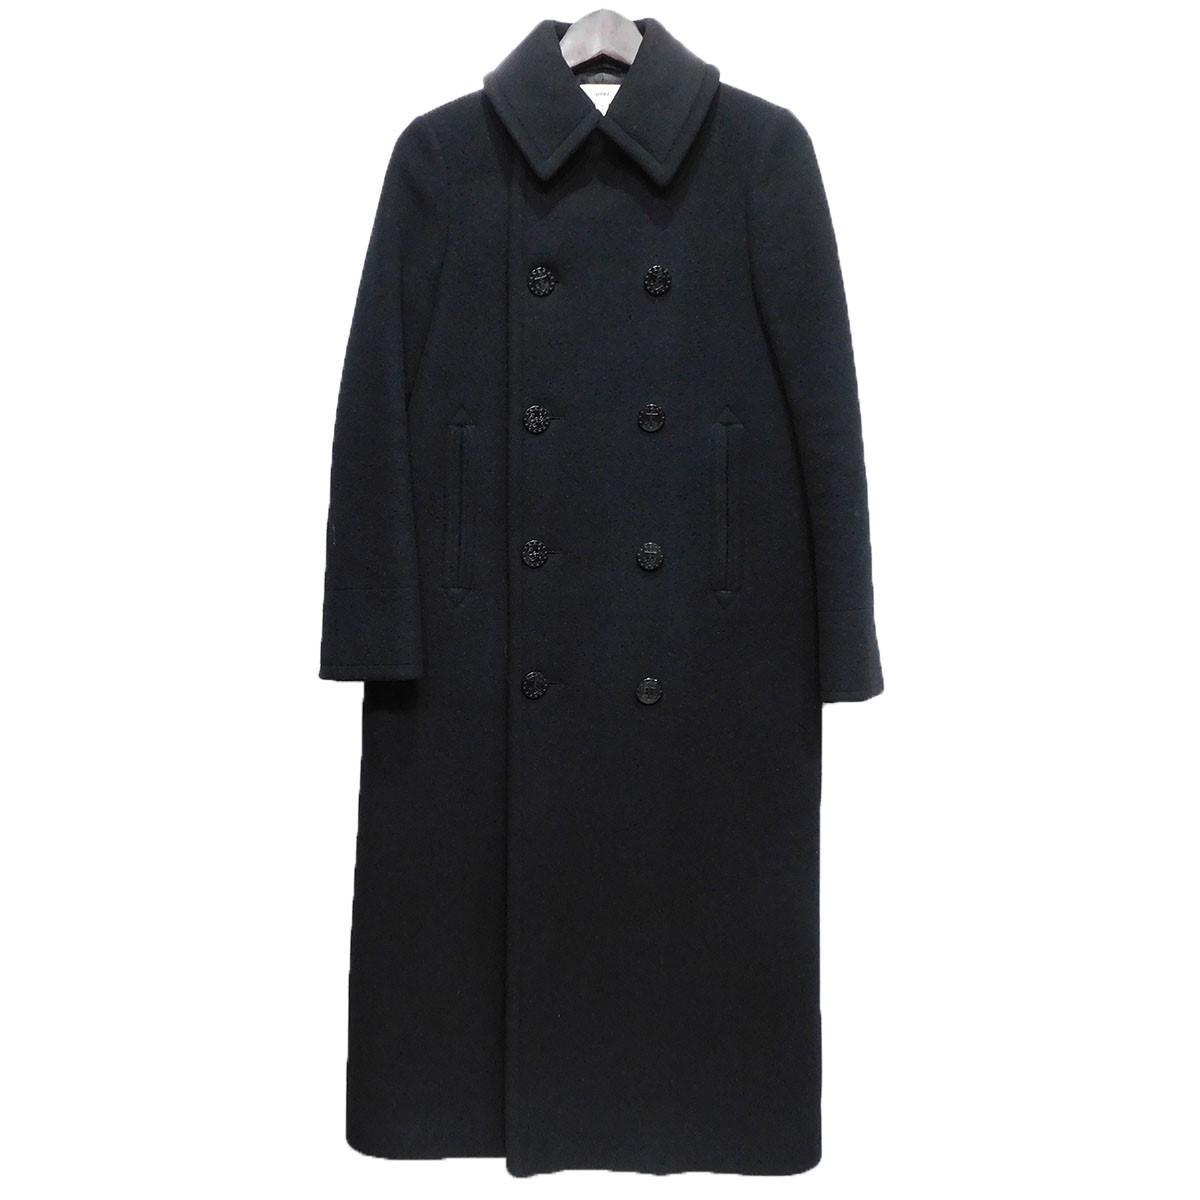 【中古】HYKE 15AW ロングPコート ブラック サイズ:1 【210320】(ハイク)